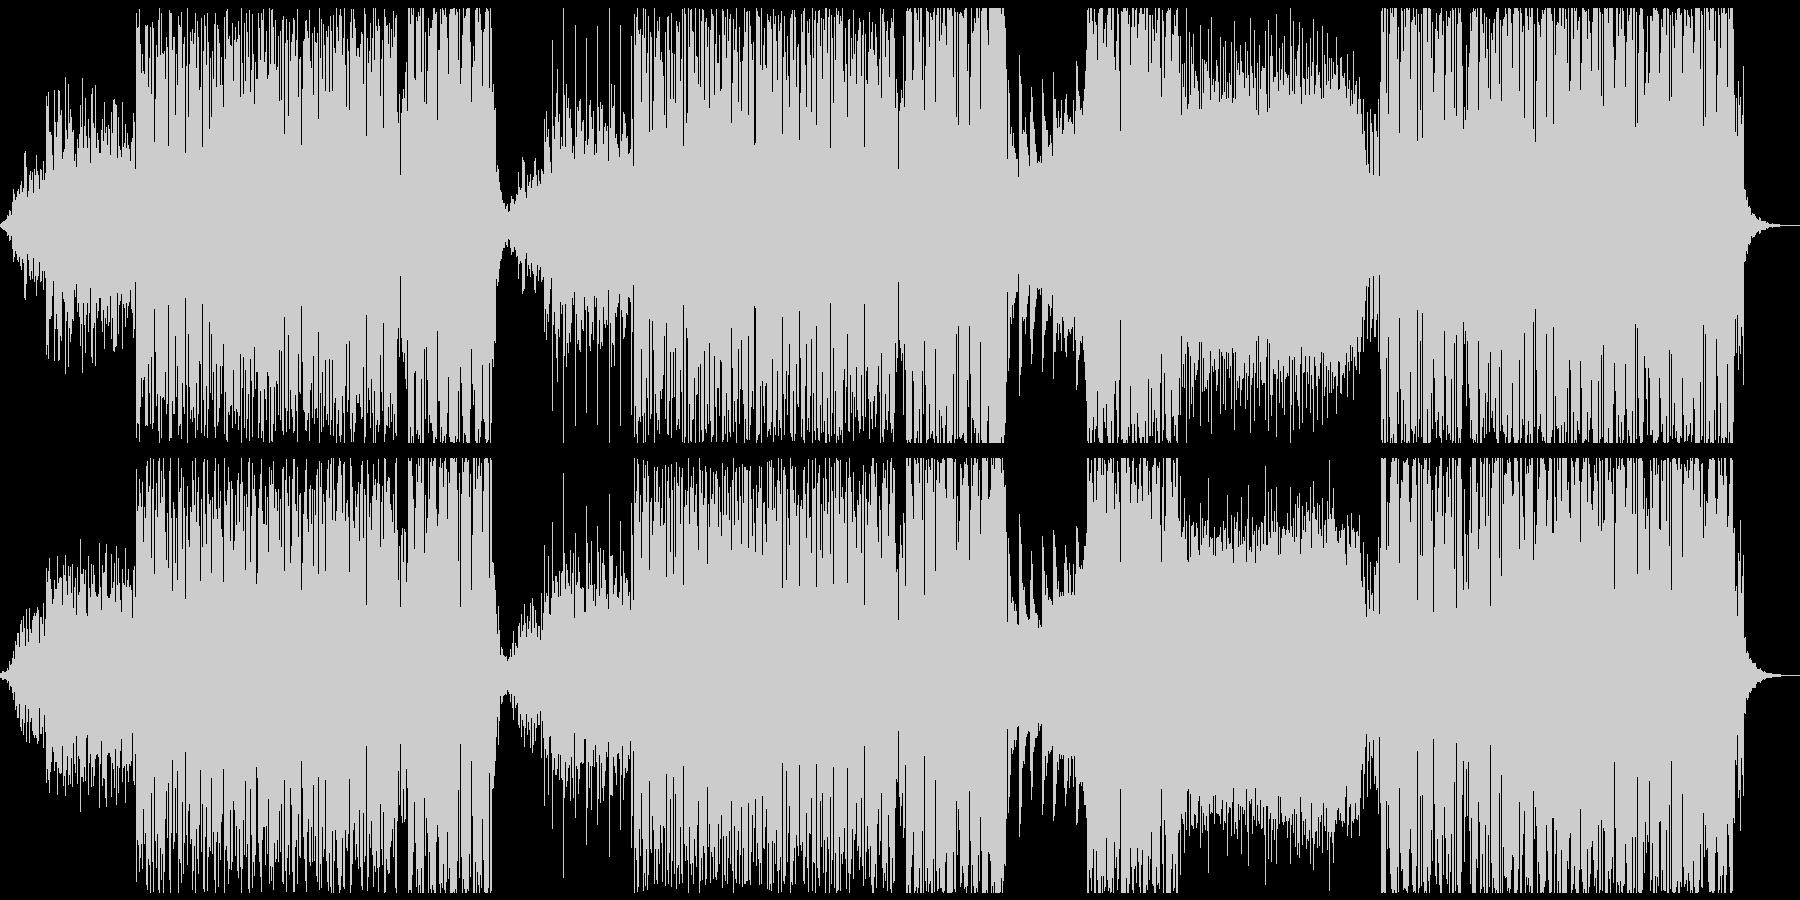 ウエット感のあるトロピカルハウスの未再生の波形